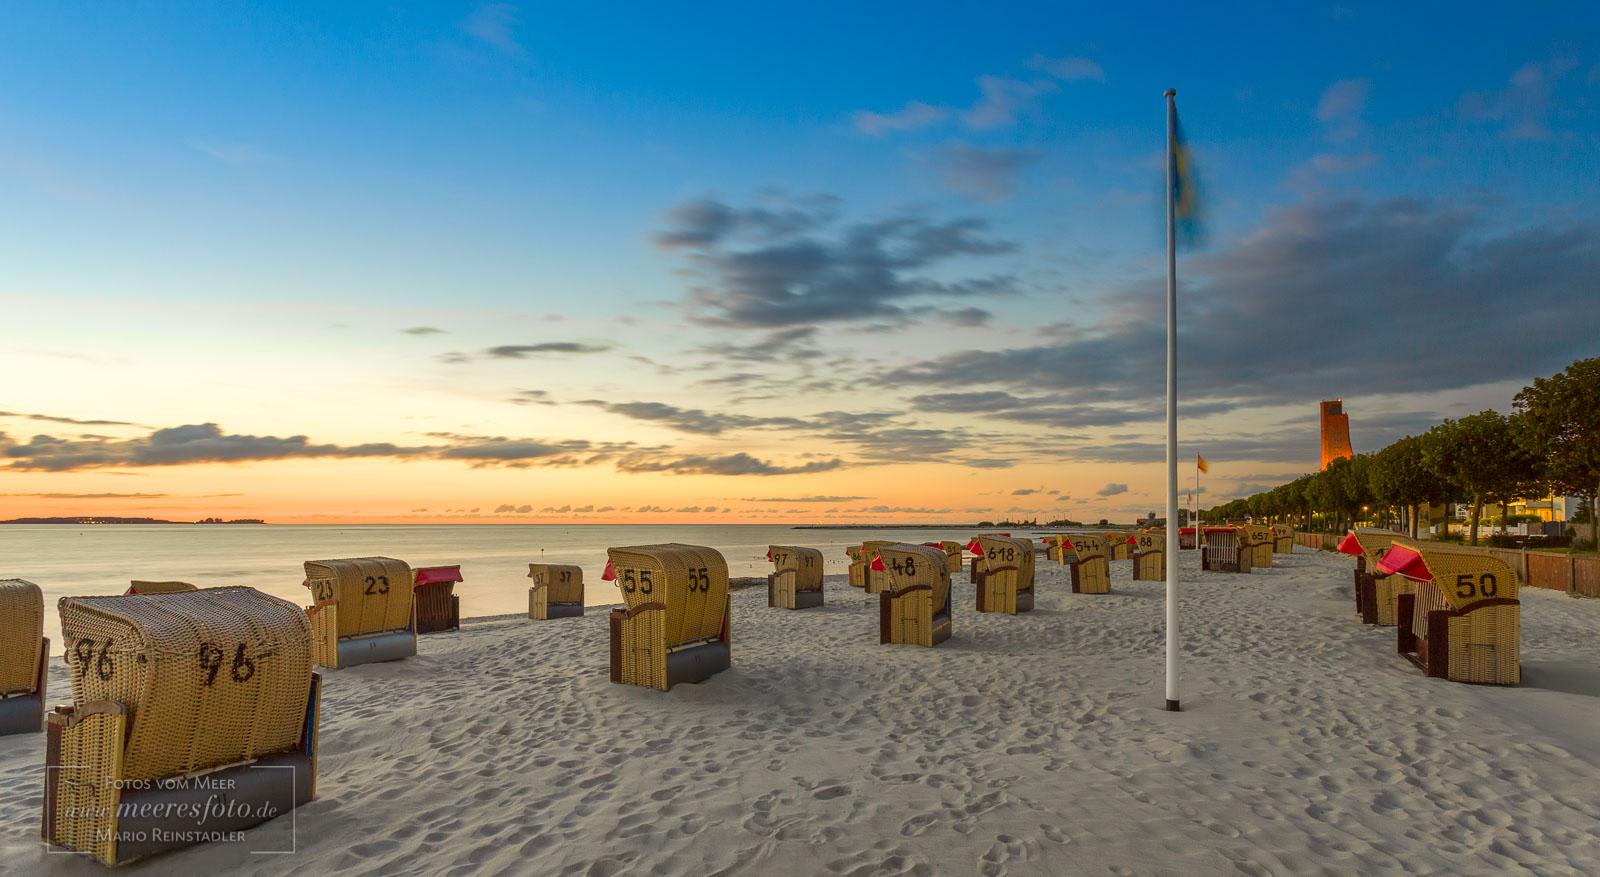 2017 Strandkorb Am Strand